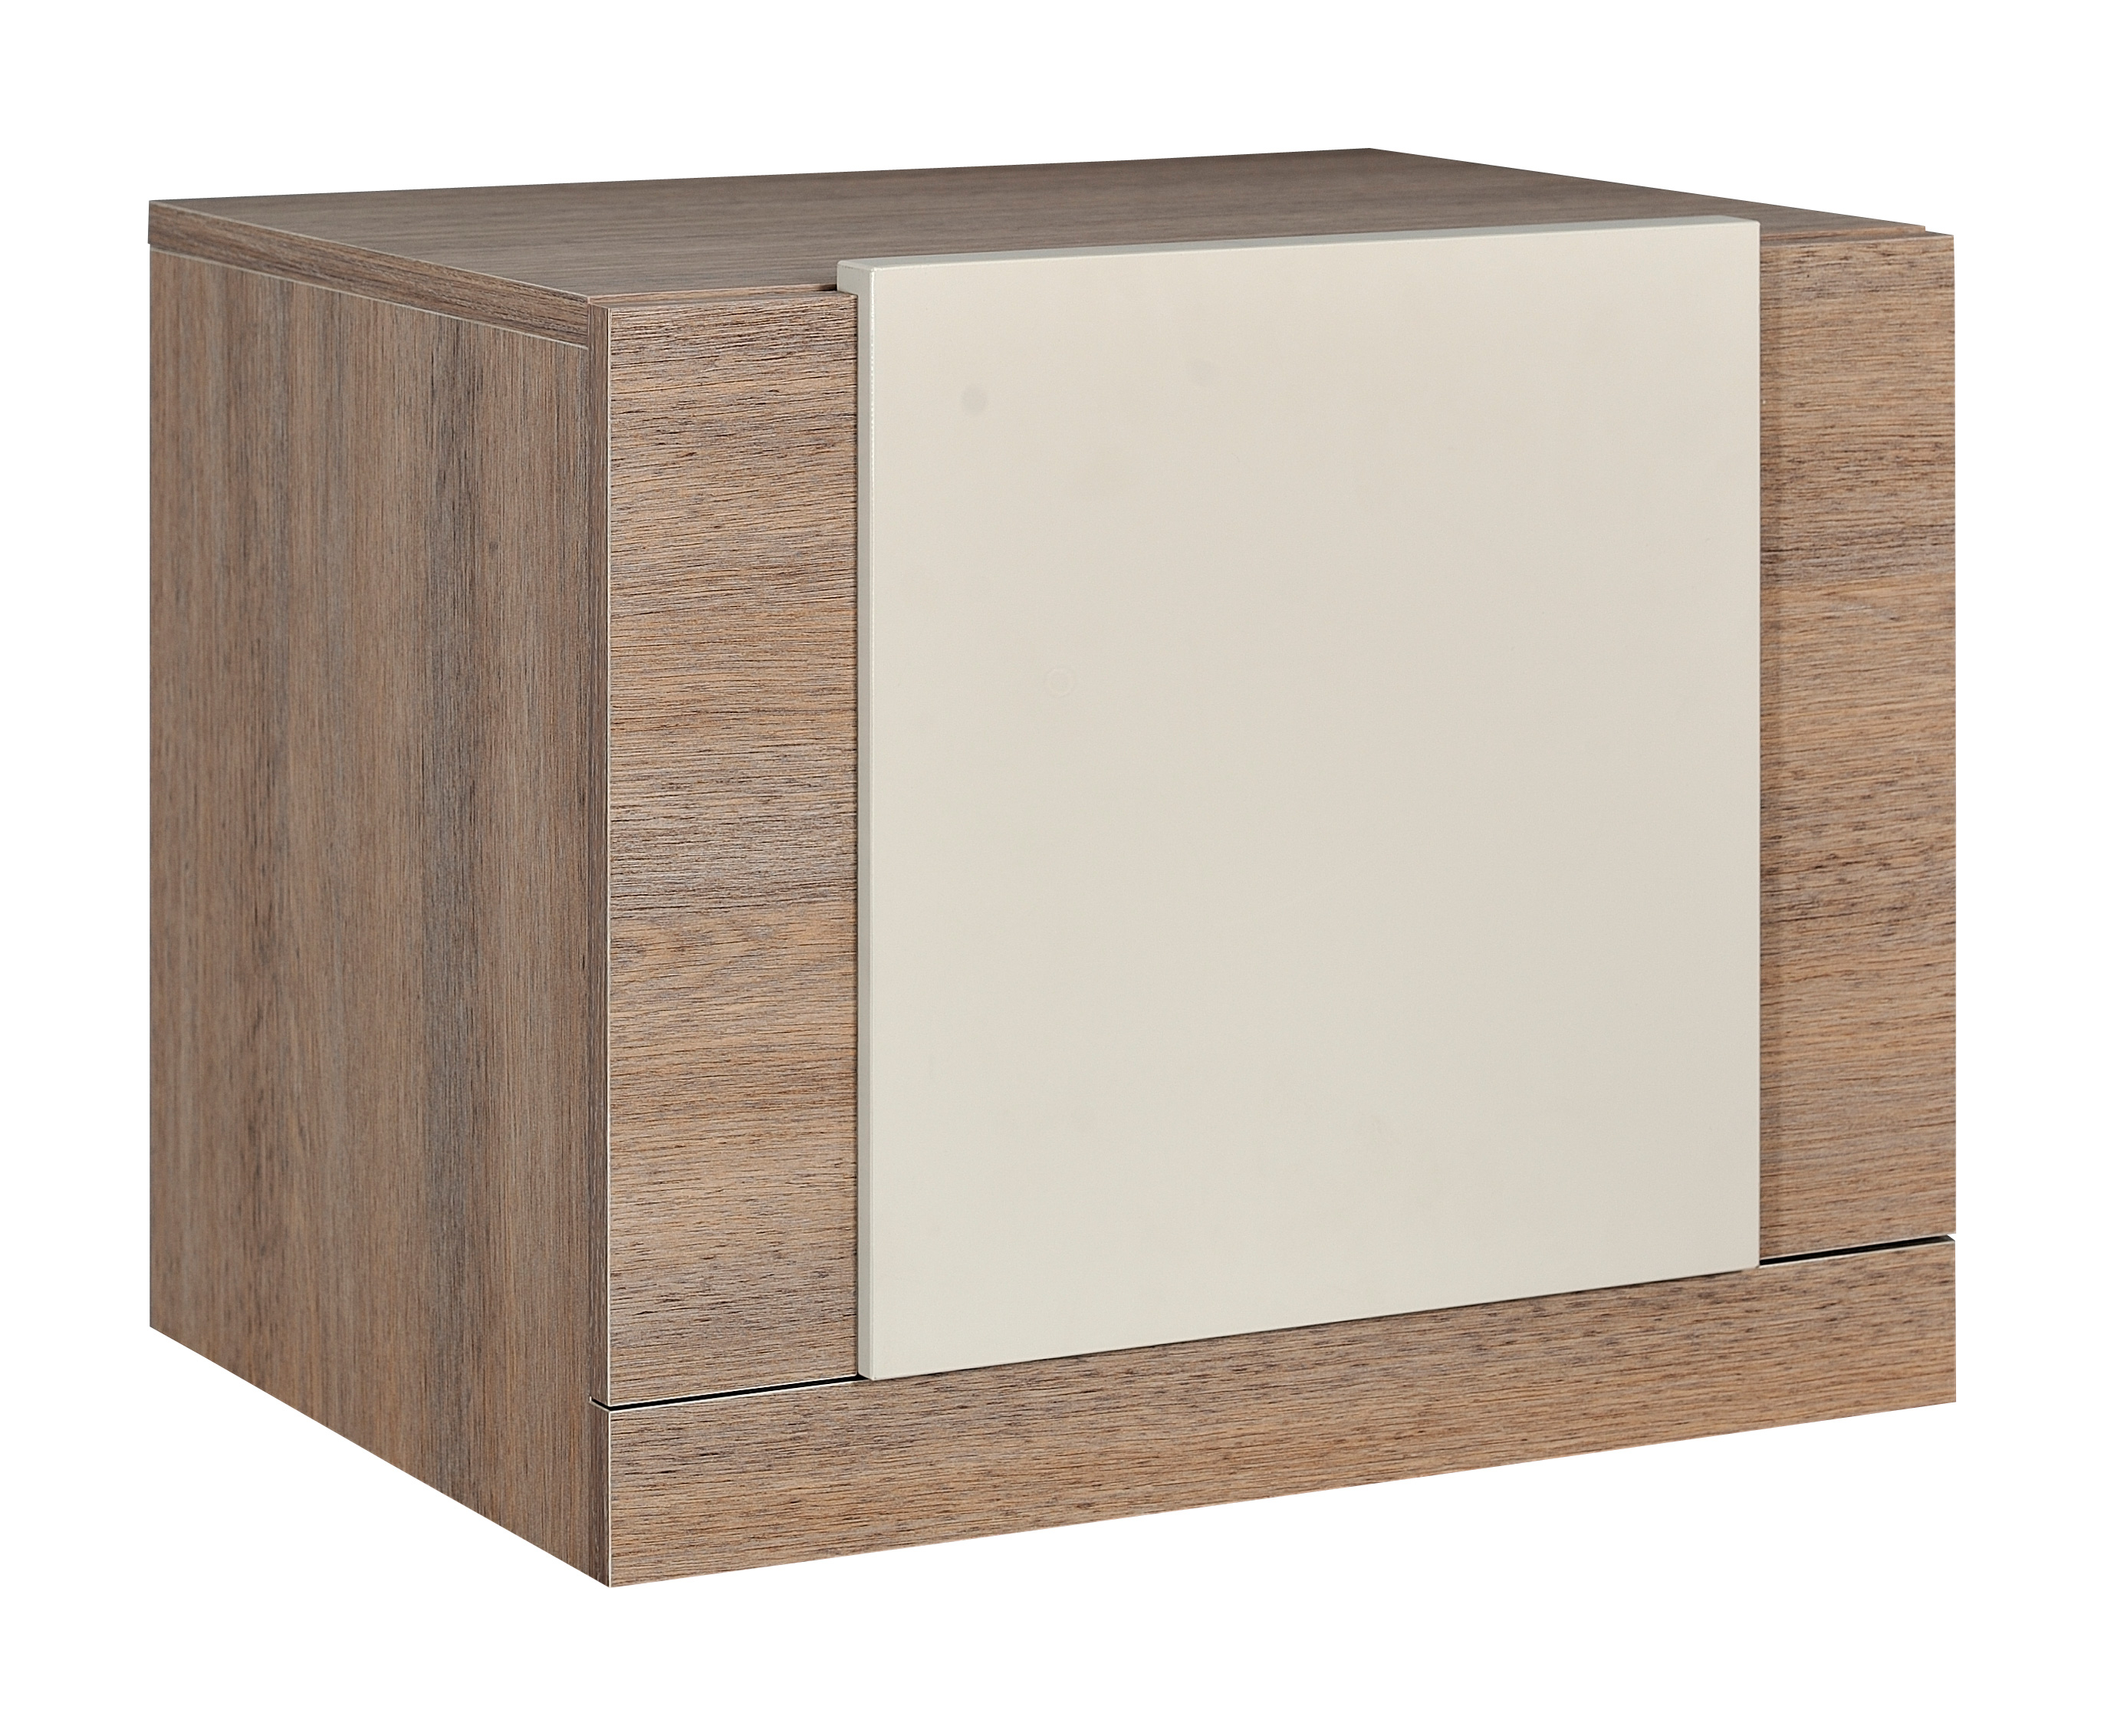 Nachtkommode Nachtschrank Highboard Kommode Schlafzimmer Spiegel Eiche Creme  eBay